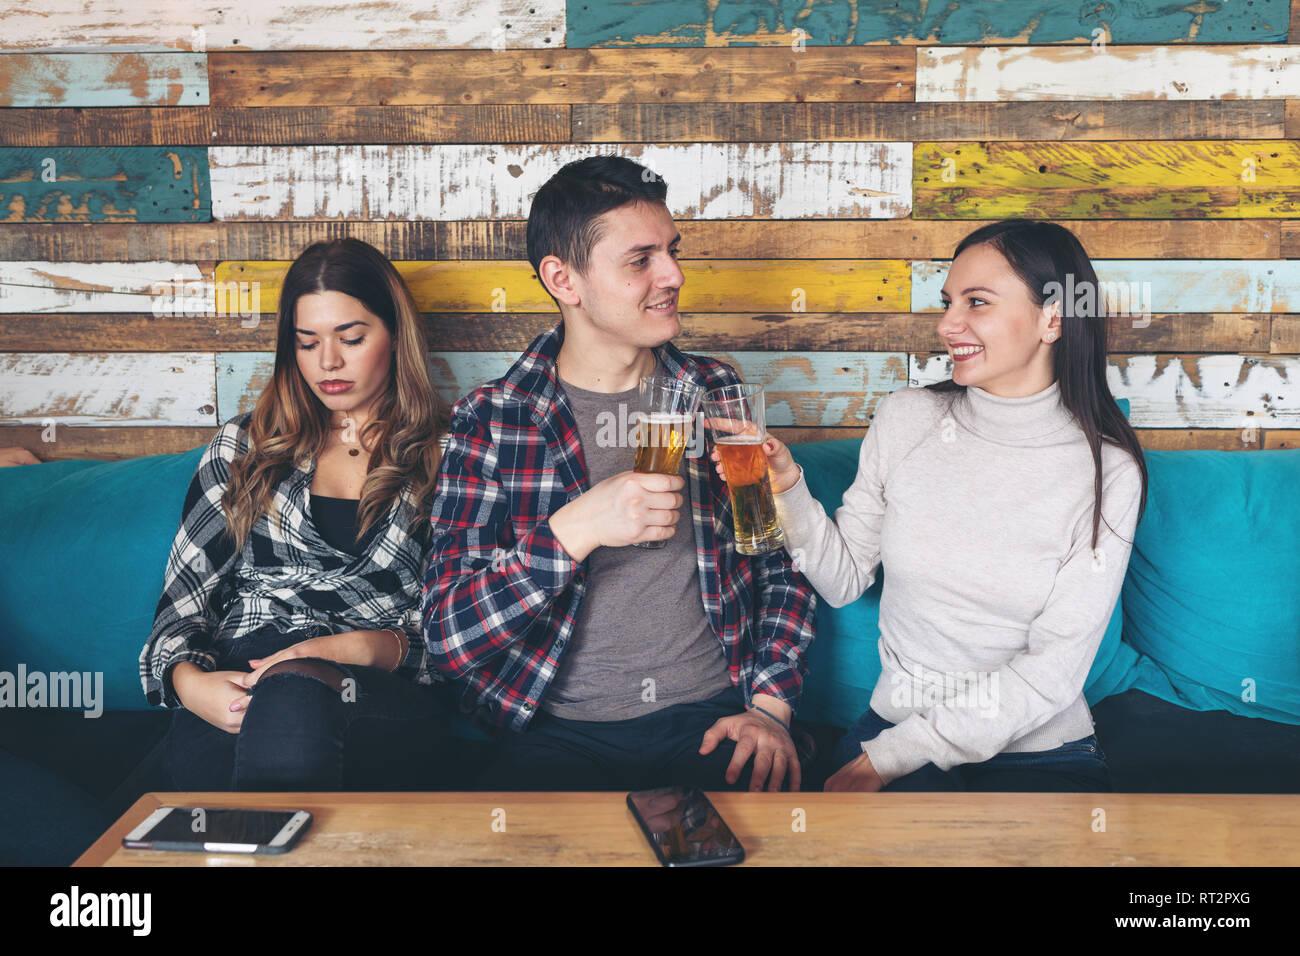 Happy young girl drinking beer avec jeune homme ignorant et rencontrer d'autres jaloux femme triste assise à côté d'eux au bar restaurant rustique. Et j'aime Banque D'Images